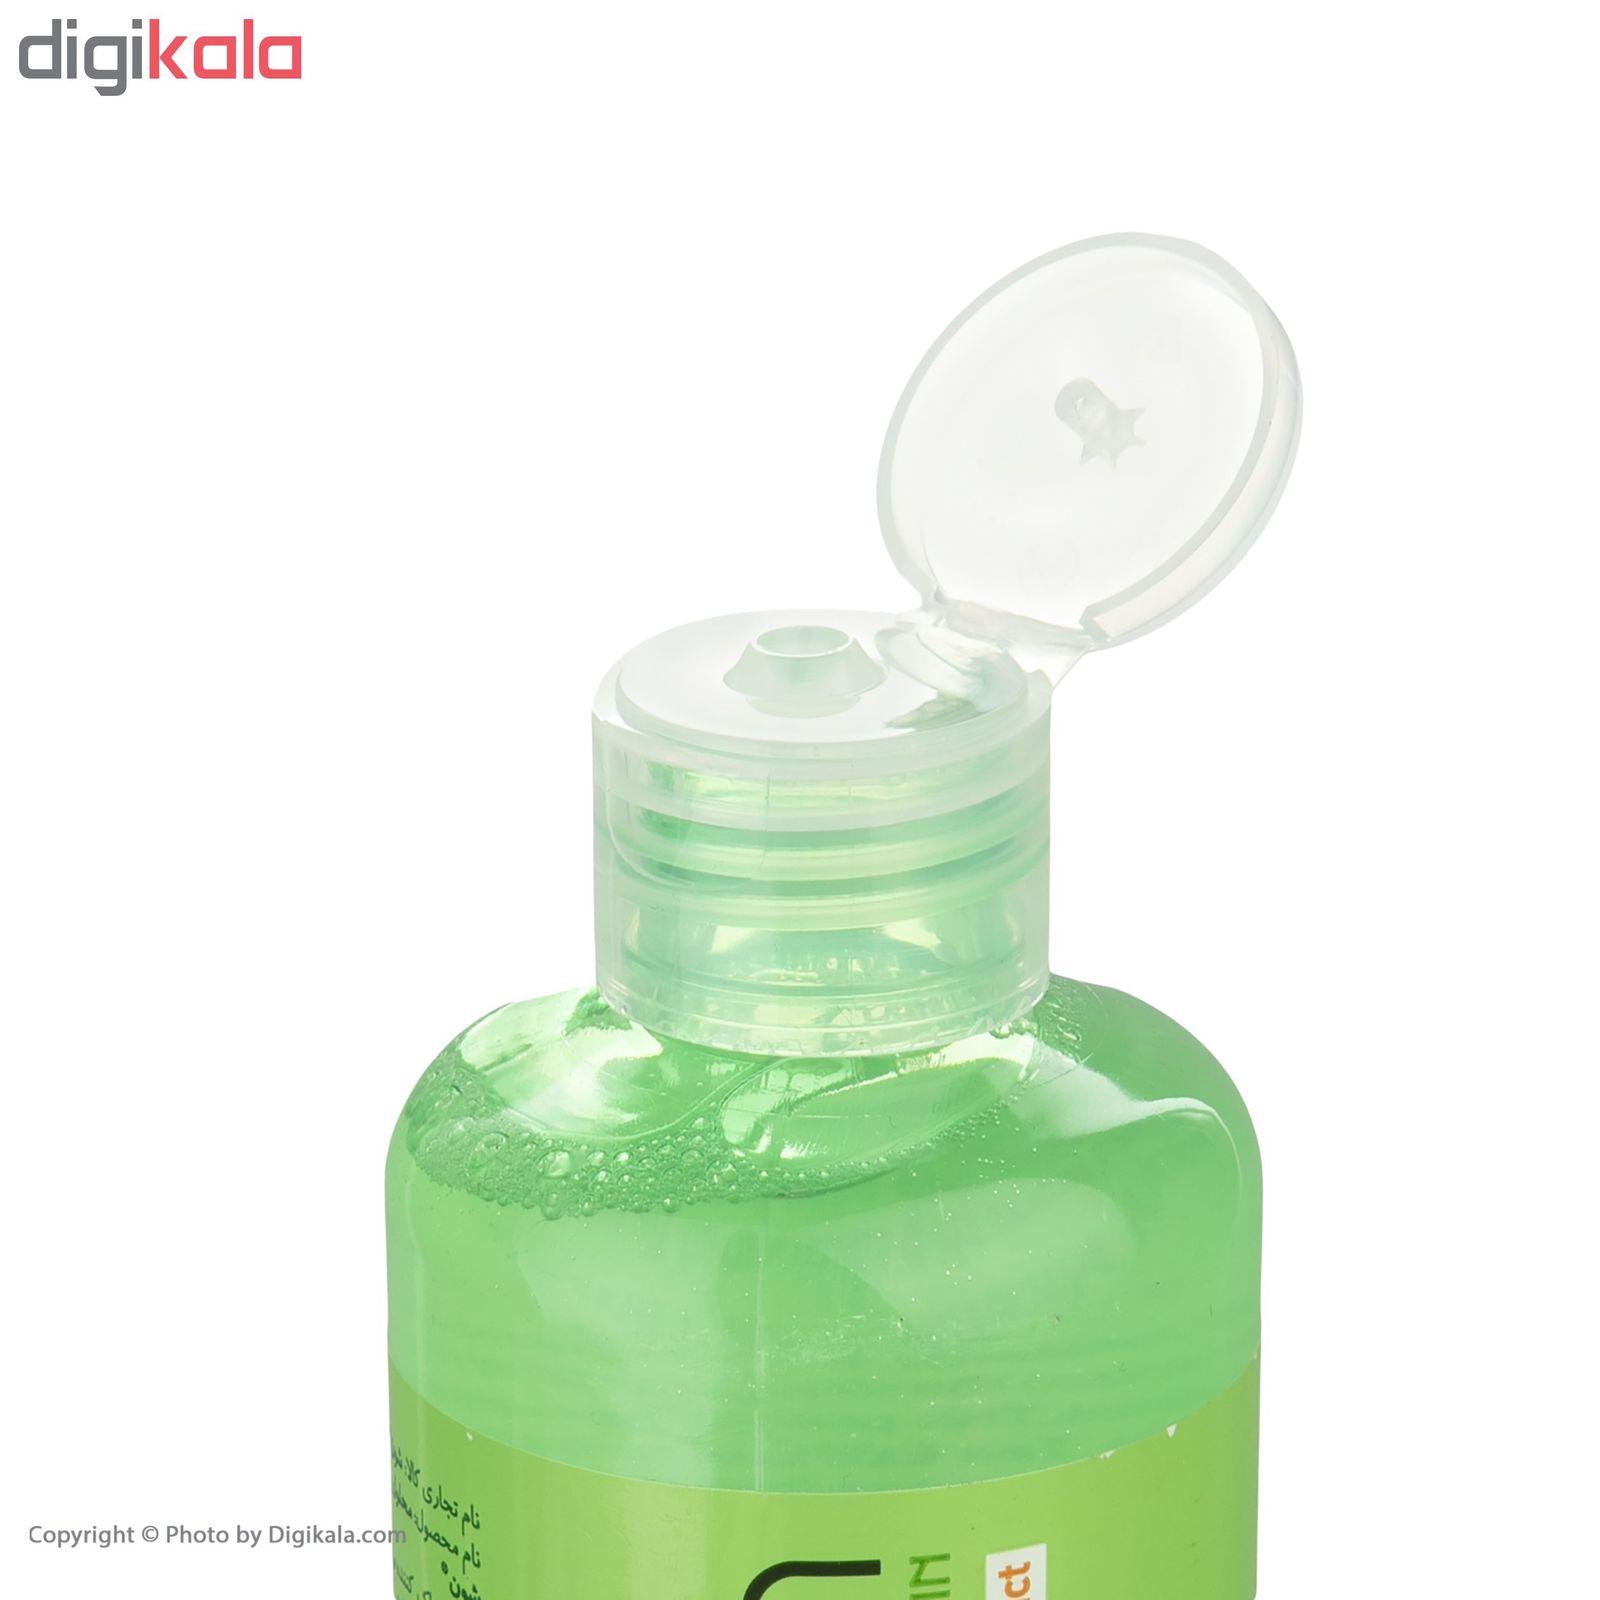 محلول پاک کننده شون مدل Antioxidant Micellar Water حجم 300 میلیلیتر main 1 3